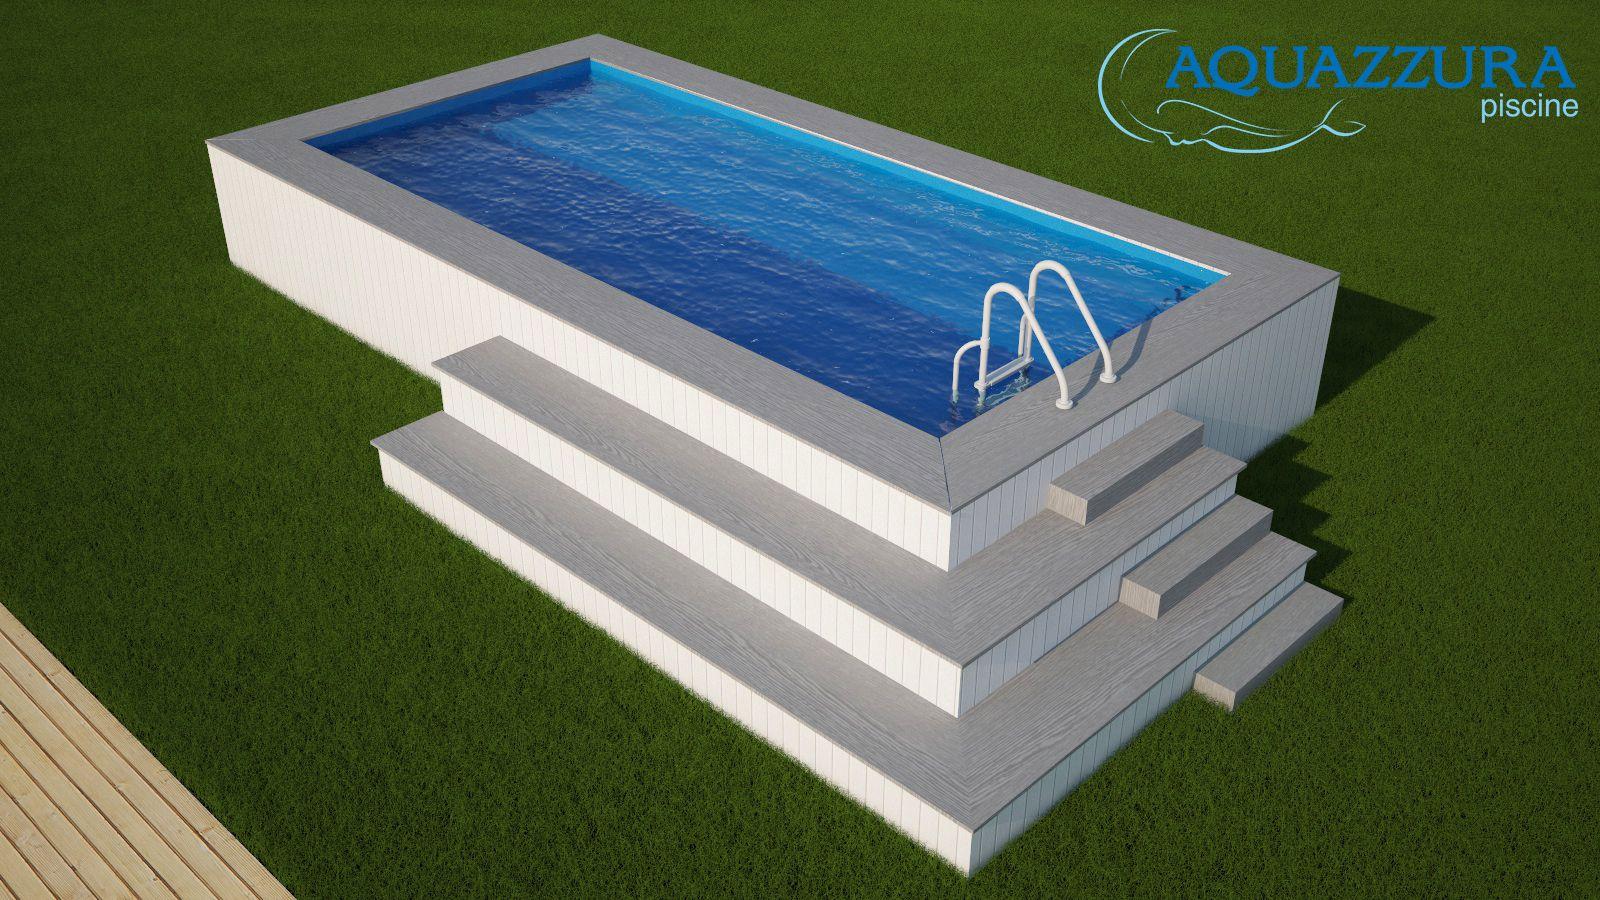 Piscine da esterno prezzi le piscine in legno sono - Piscine da giardino interrate prezzi ...